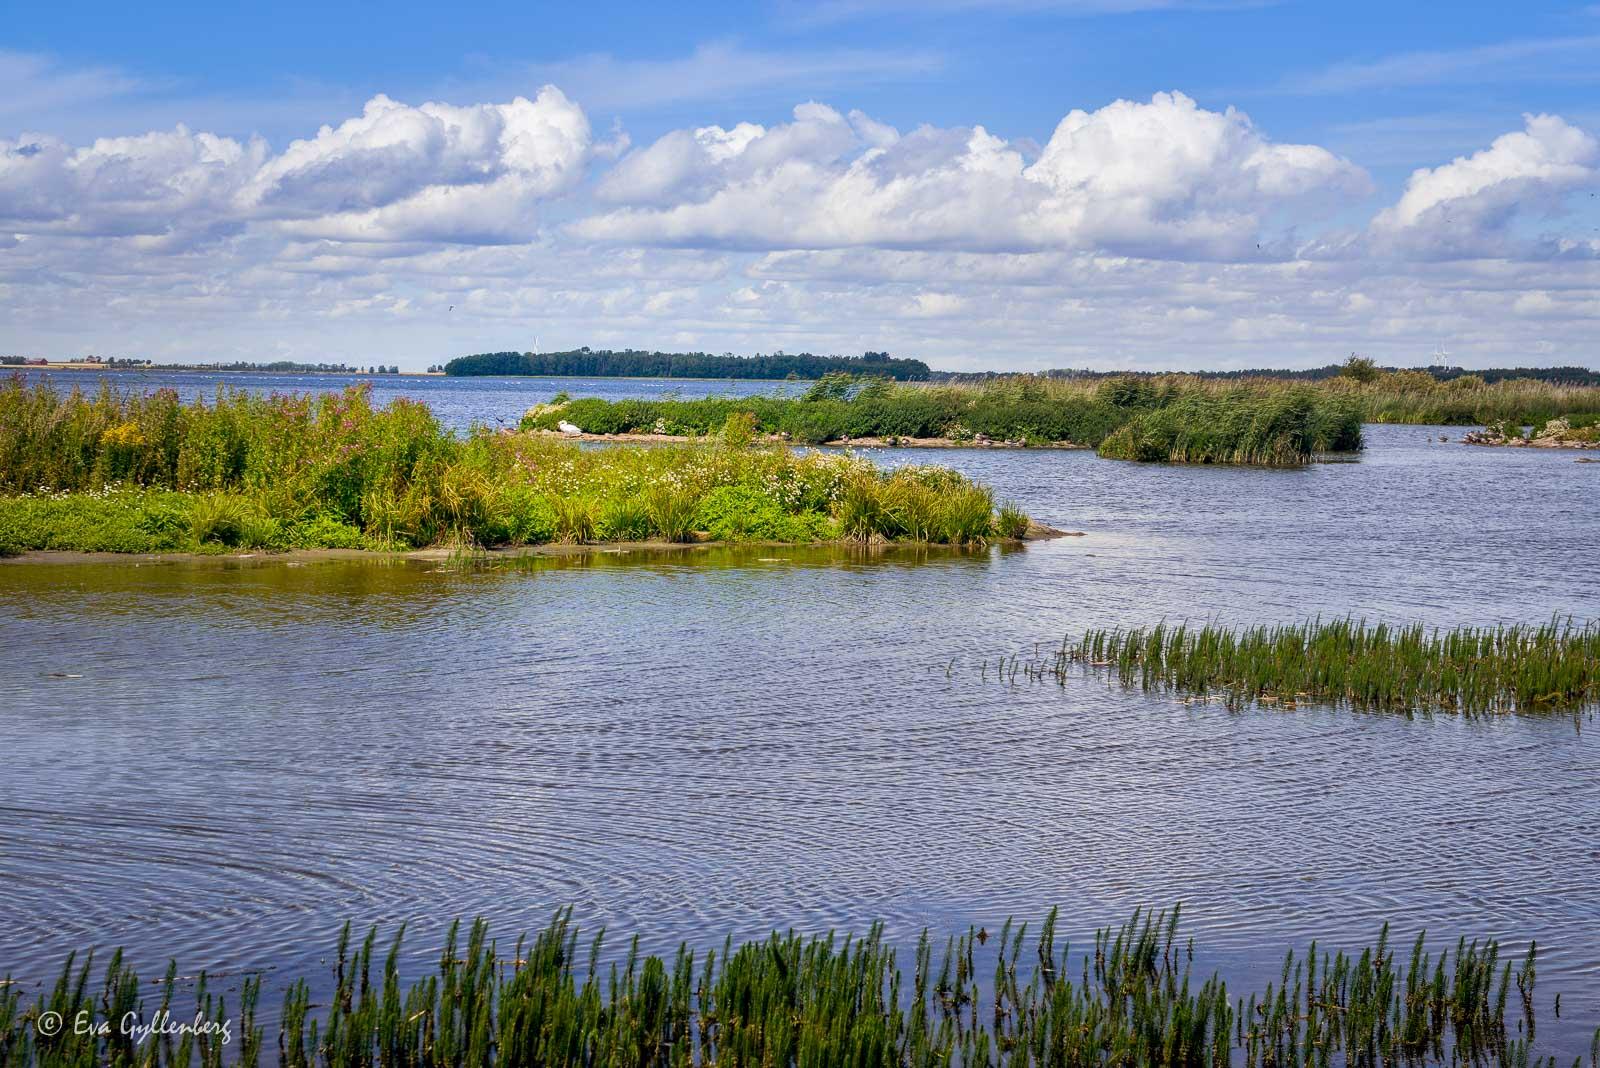 Tåkern fågelsjö och naturreservat